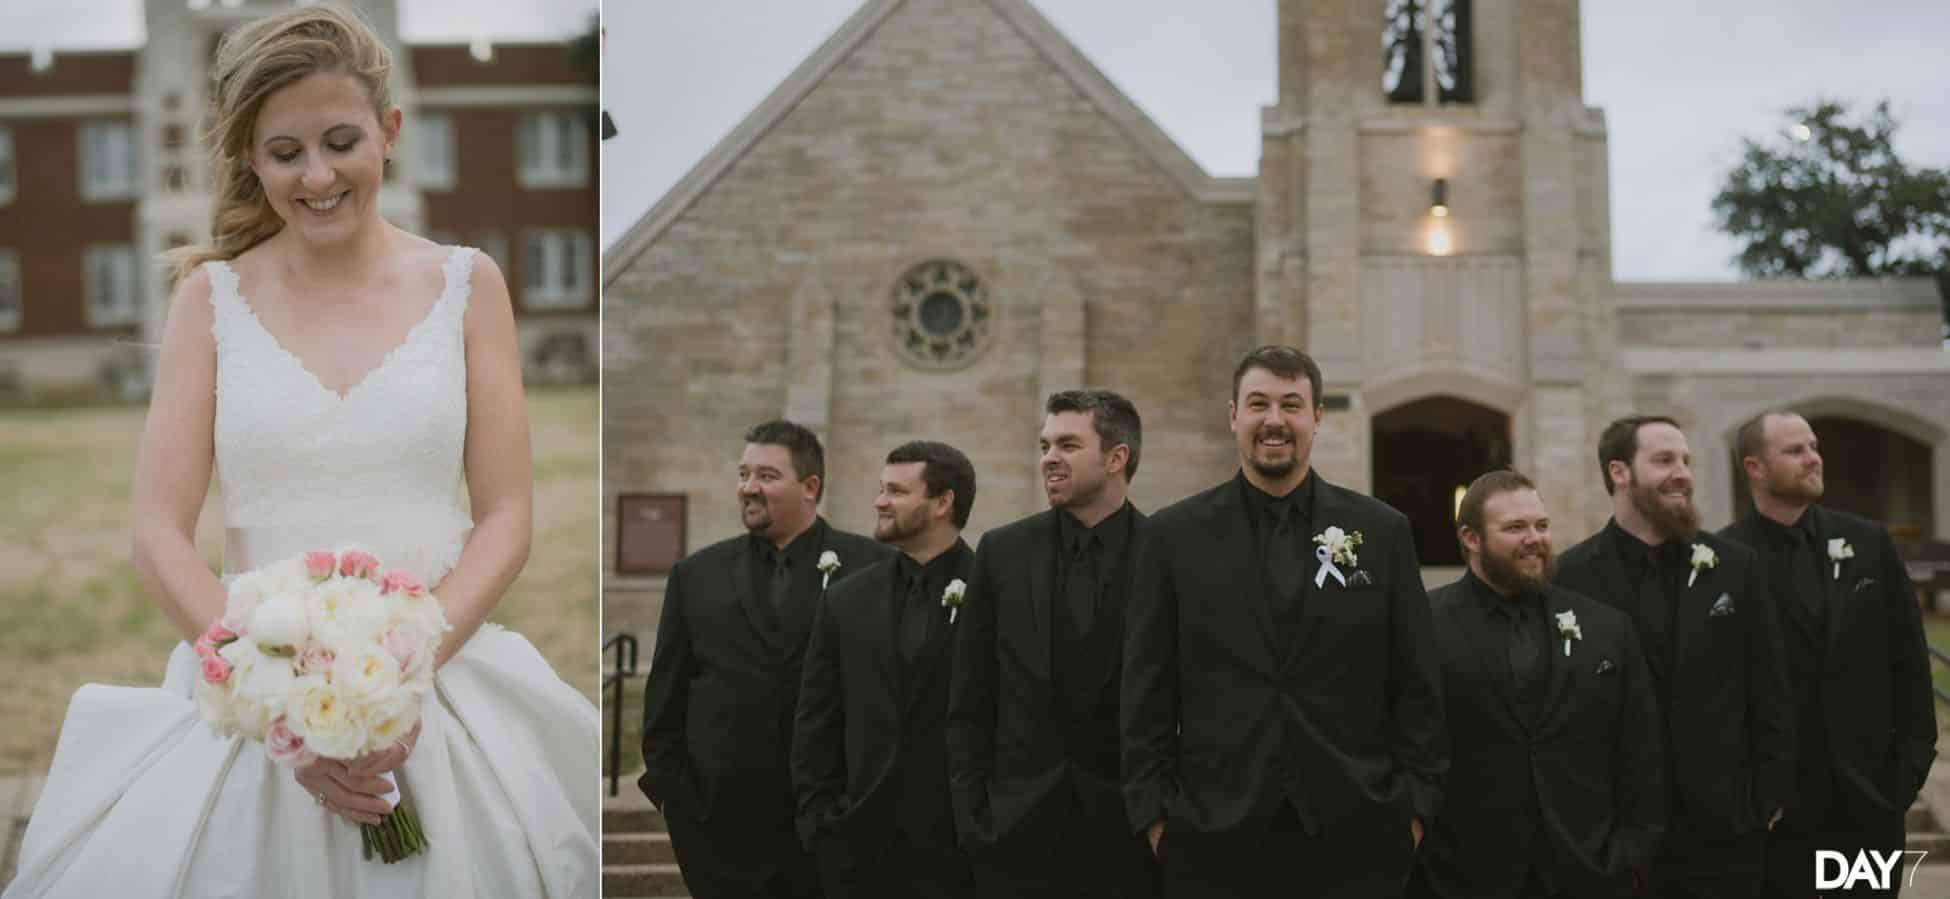 Belltower Chapel and Garden Wedding Photos